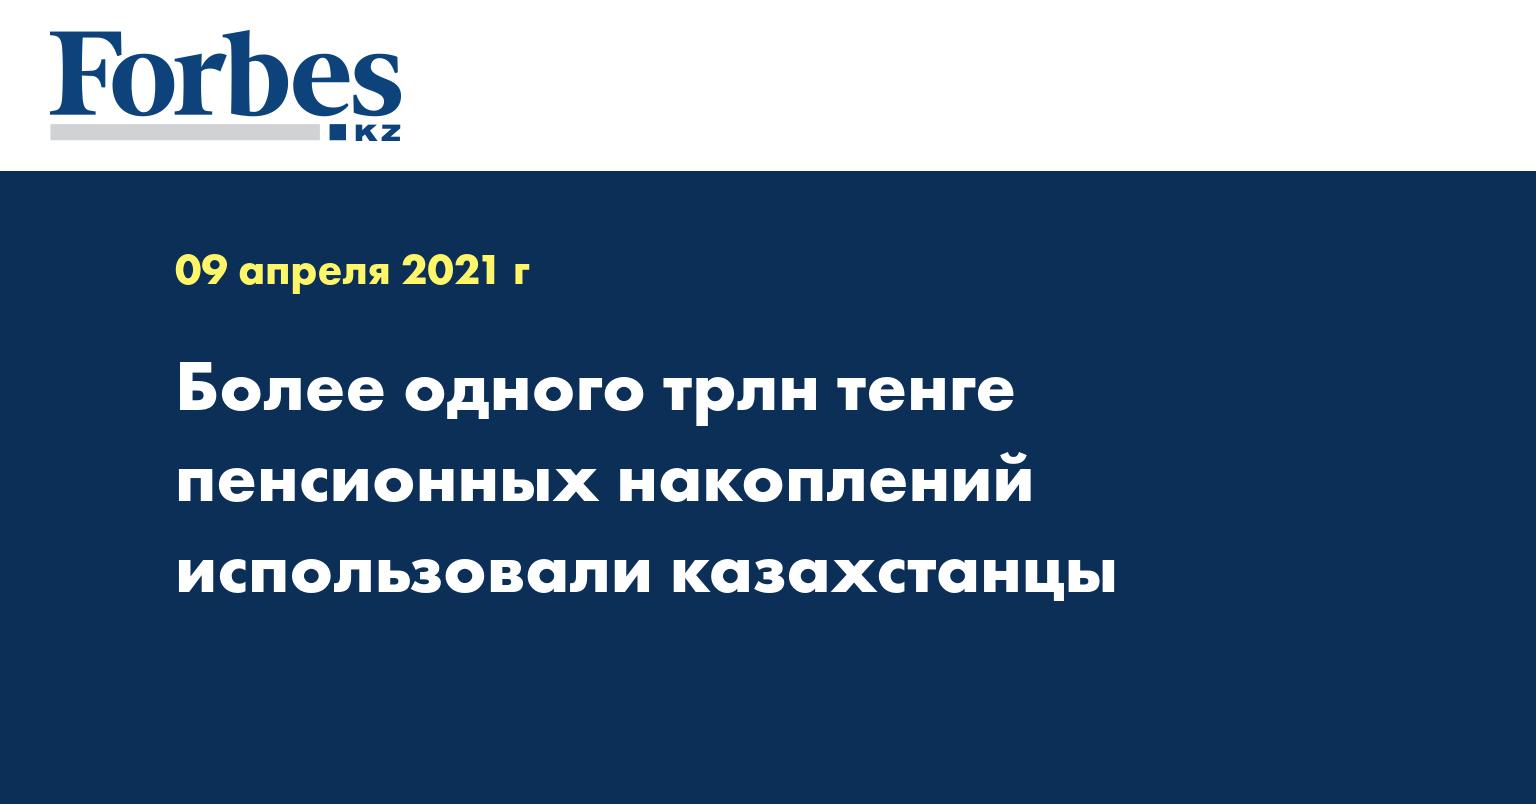 Более одного трлн тенге пенсионных накоплений использовали казахстанцы